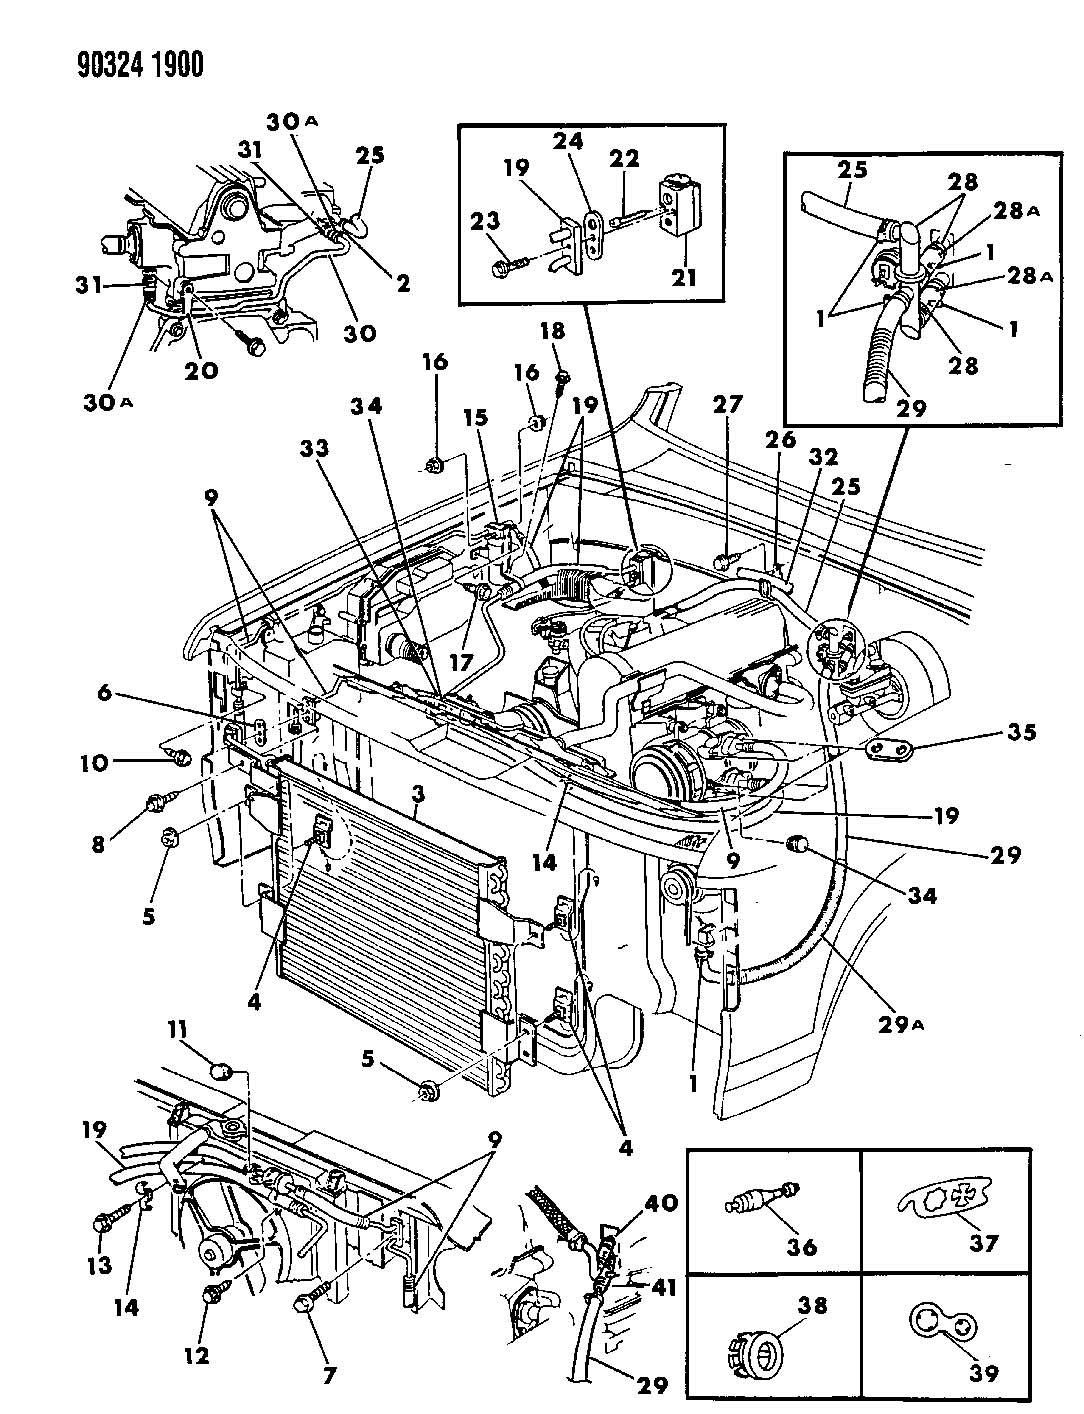 Dodge Dakota 2 5l I4 Tbi 5spd Manual Trans A535